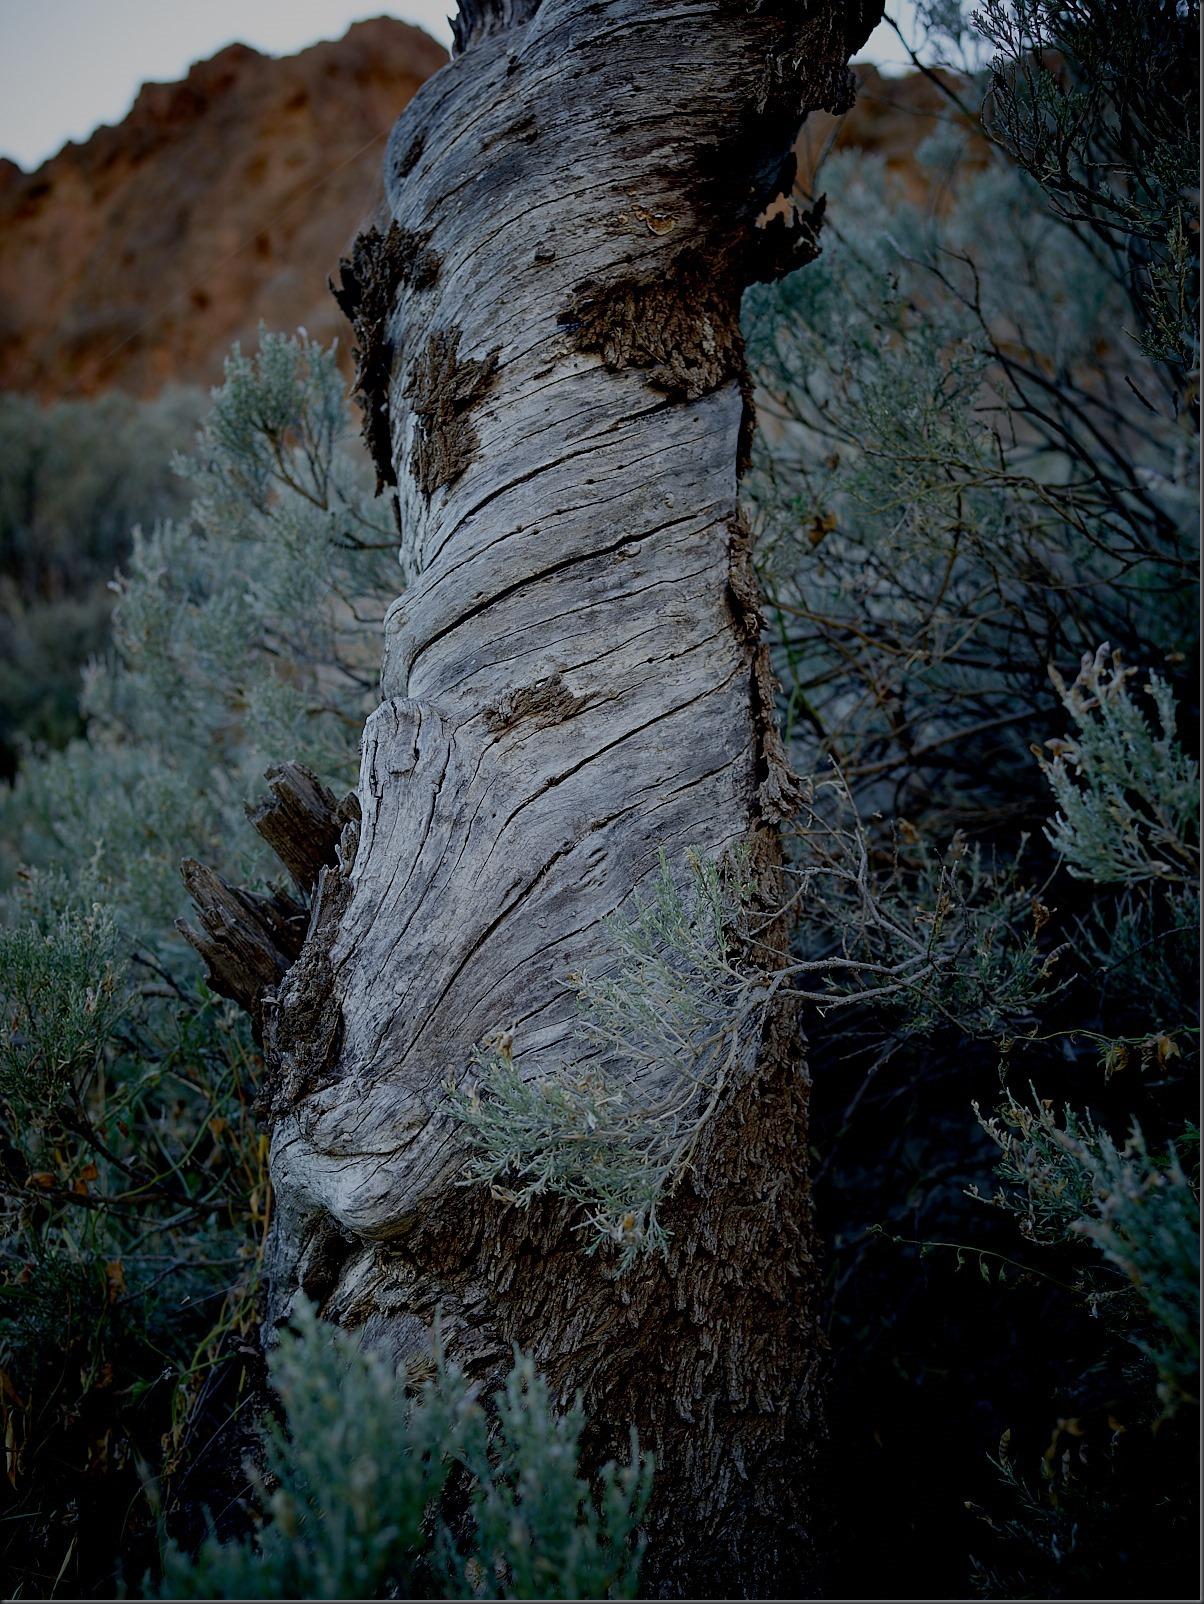 Gnarly Tree With Bark